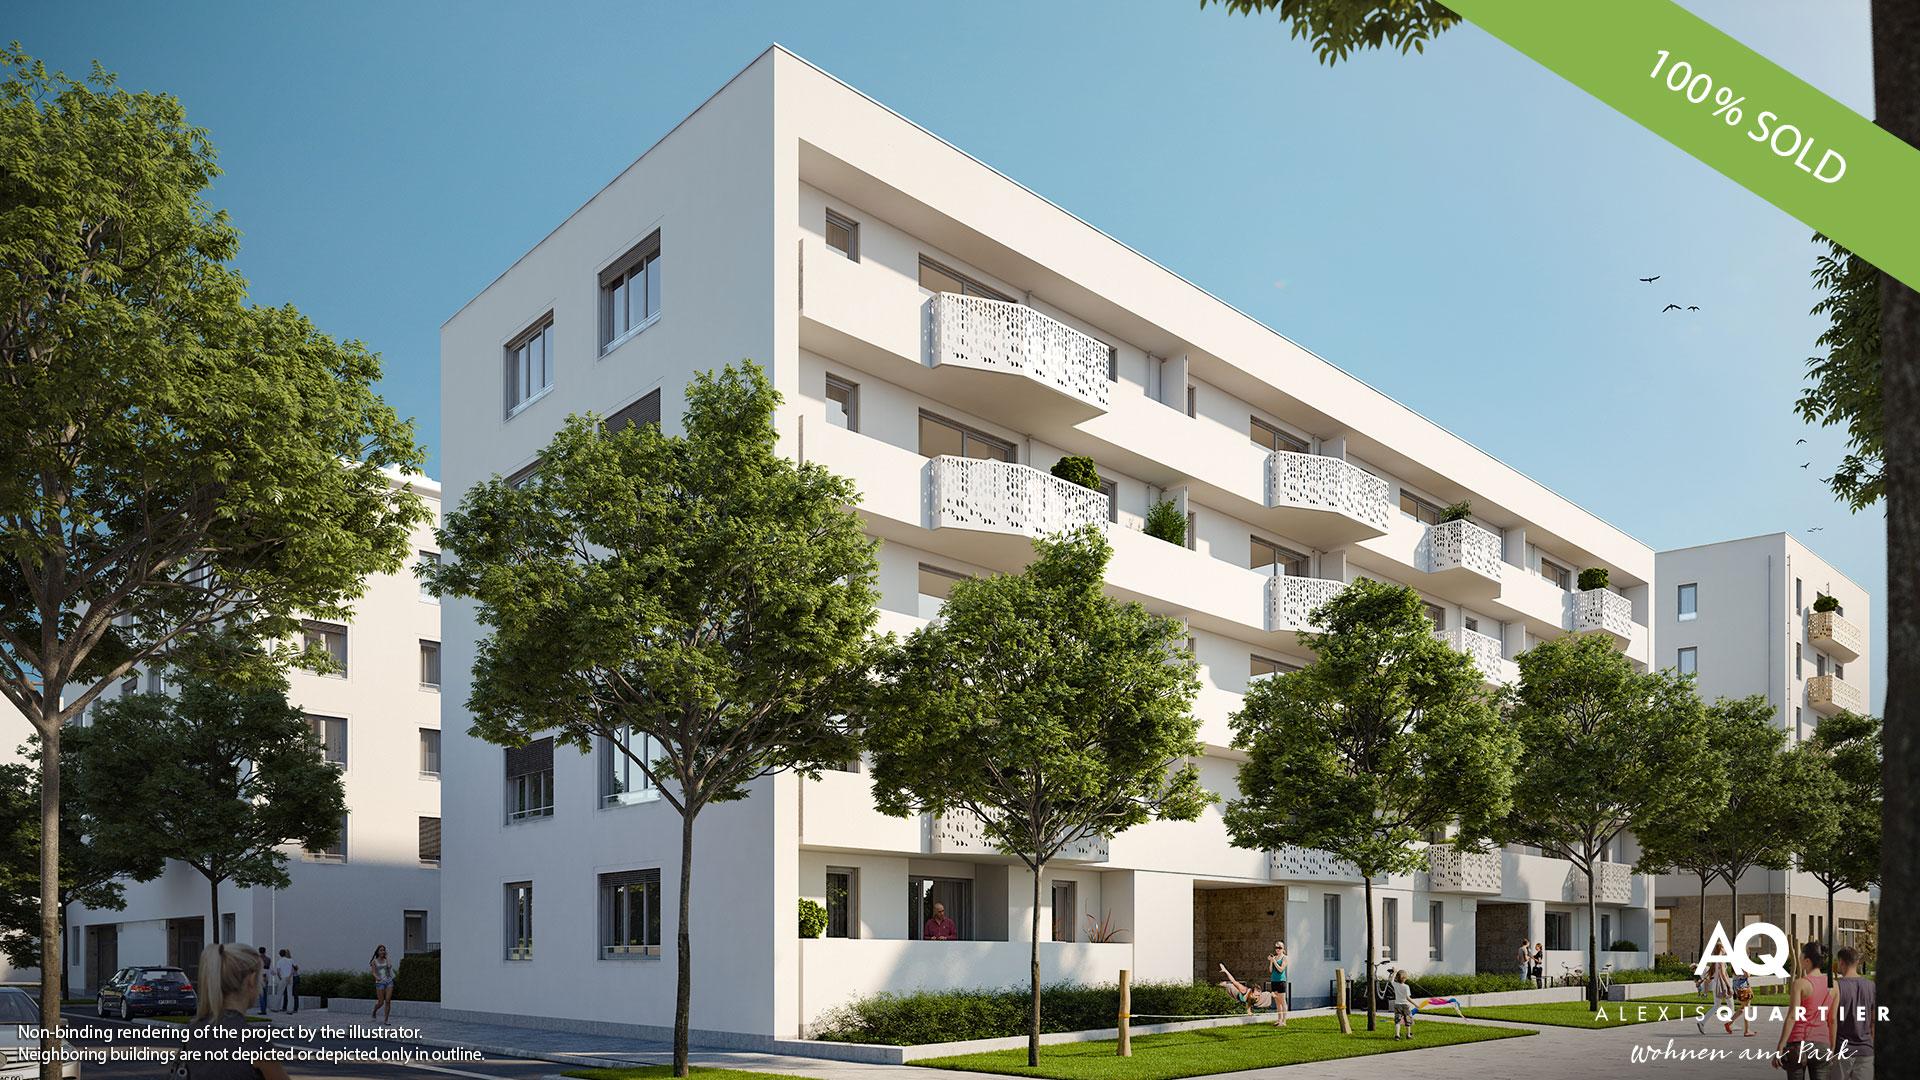 'ALEXISQUARTIER – Wohnen am Park' in Munich-Perlach: All condominiums sold